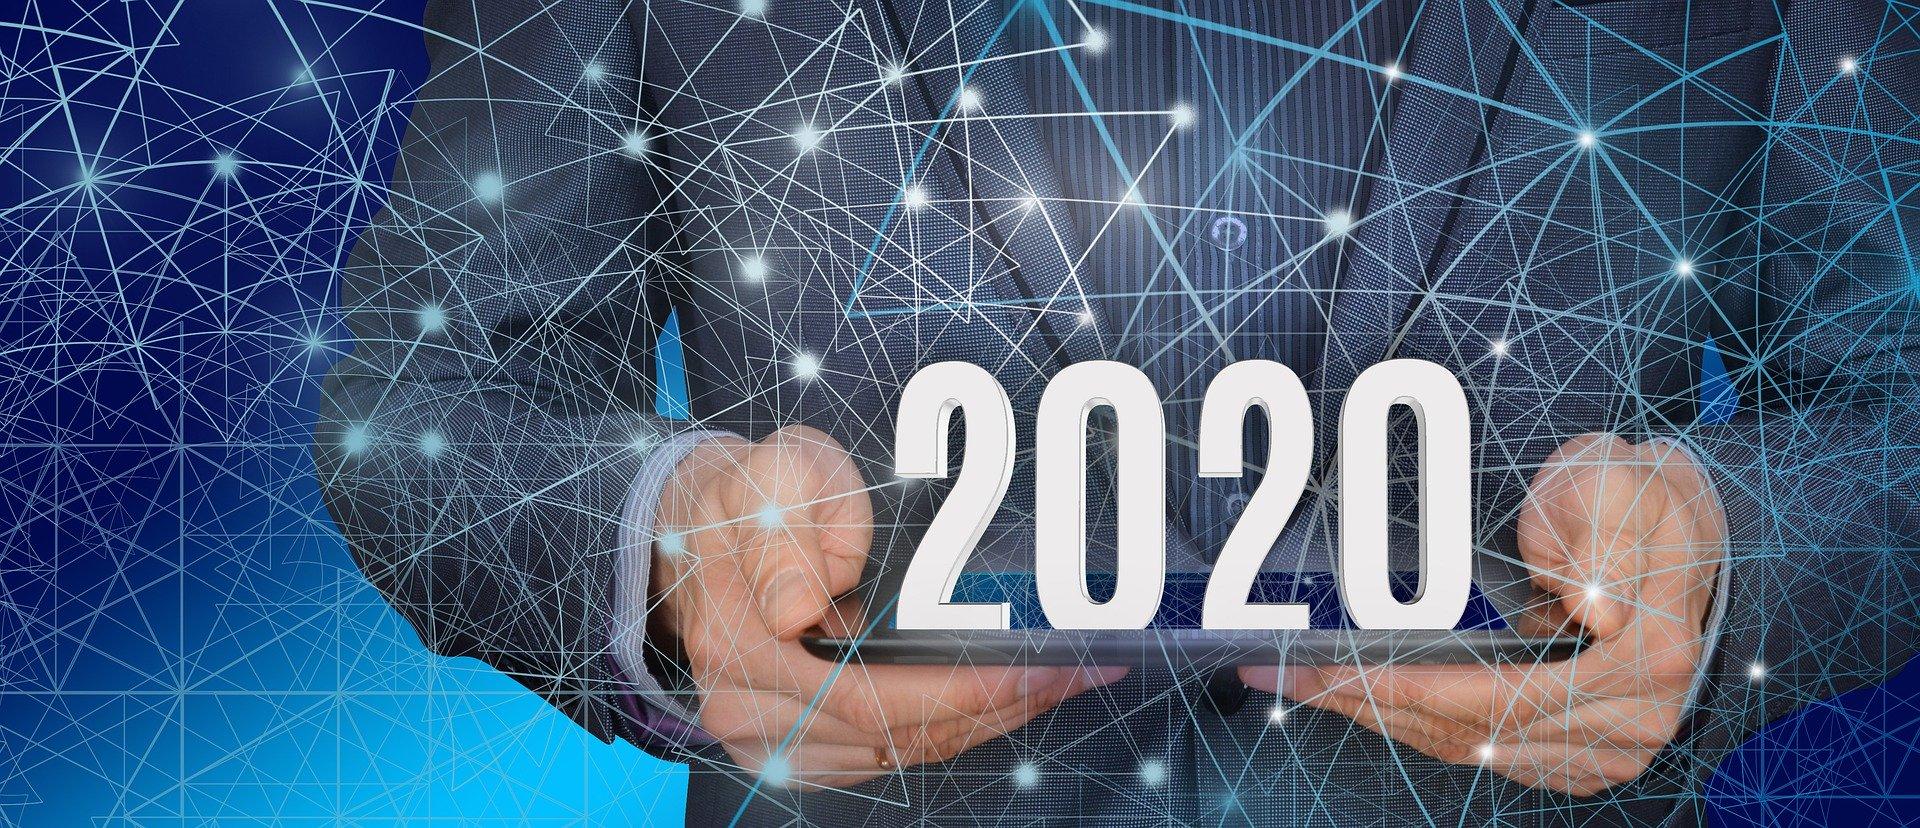 TOP 5 zmian na 2020 rok w przepisach dla spółek. Przygotuj się na nowy rok!